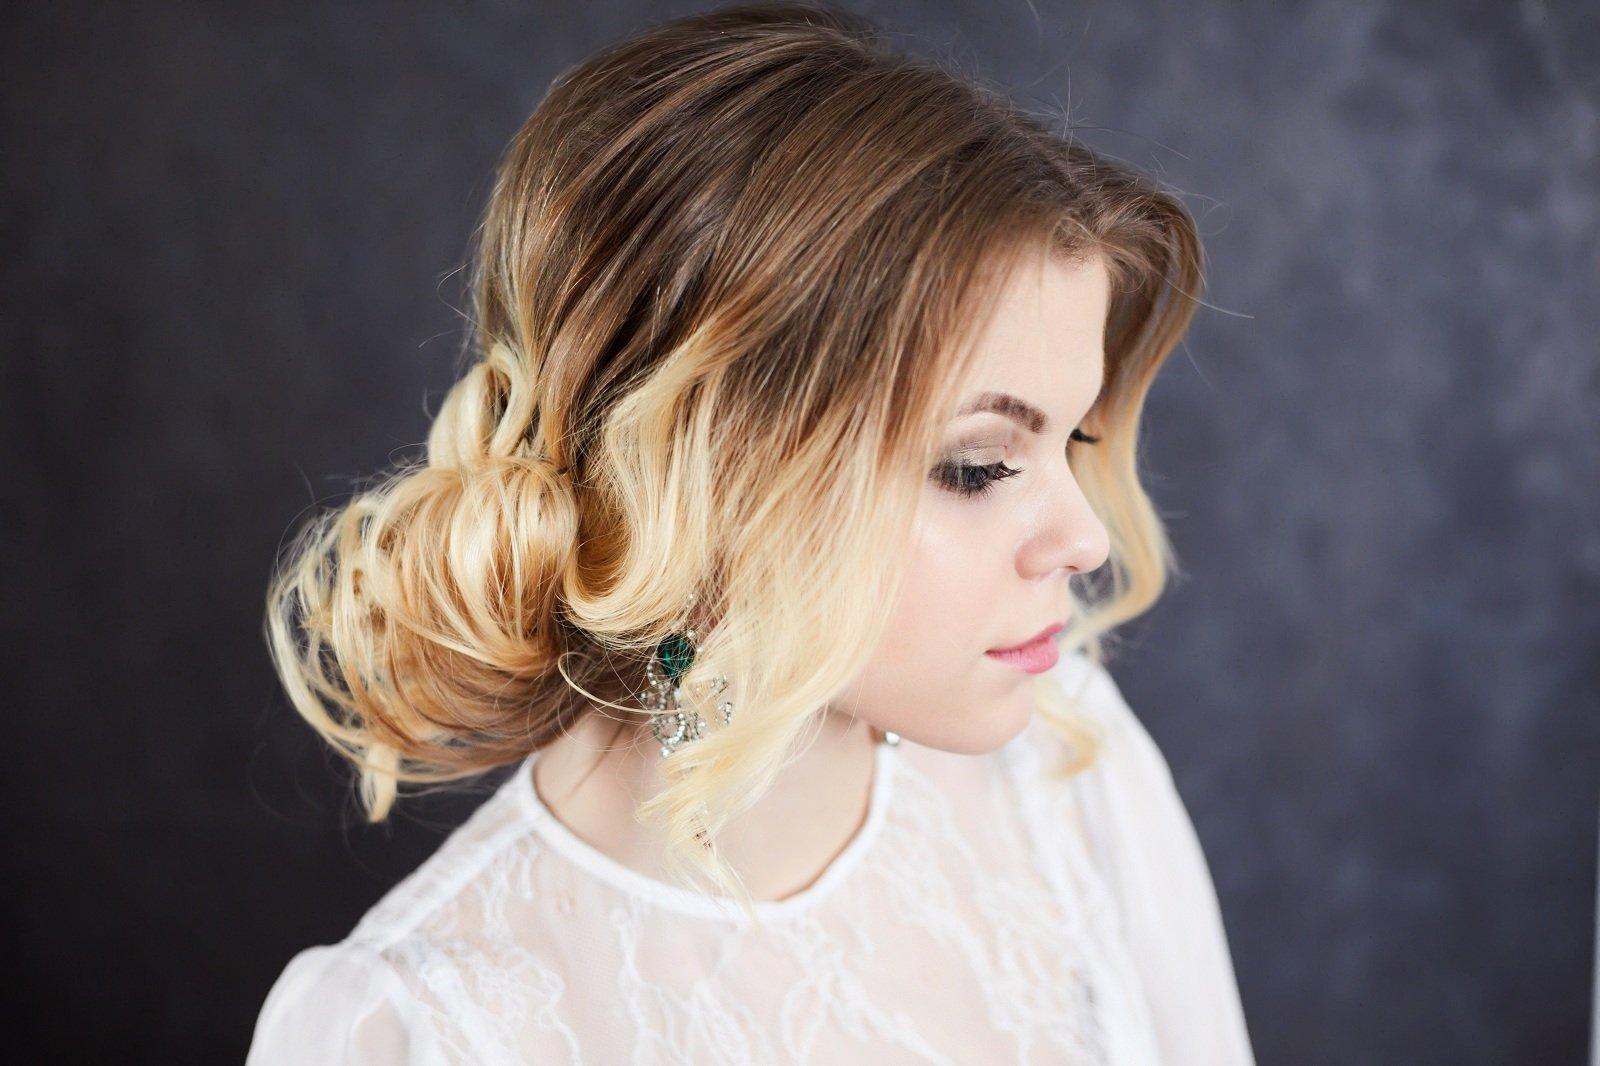 una ragazza con capelli castani con meches bionde